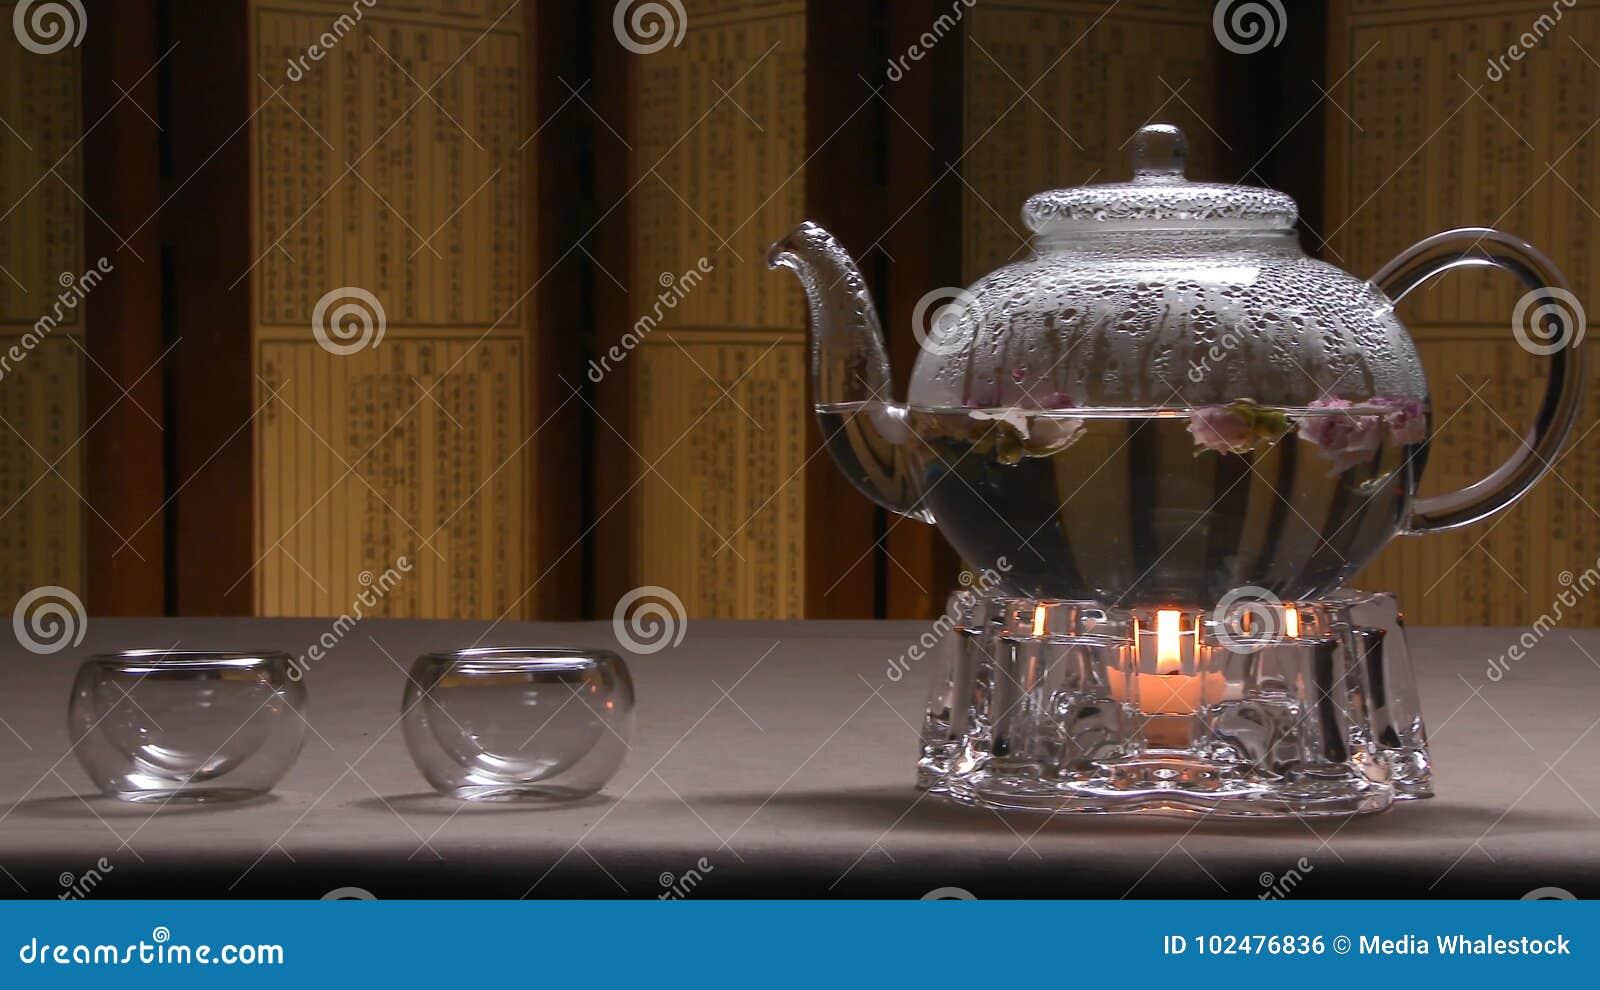 透明茶壶水壶的美好的温暖的图片用在一张桌上的鲜美绿色红茶与蜡烛 玻璃水壶